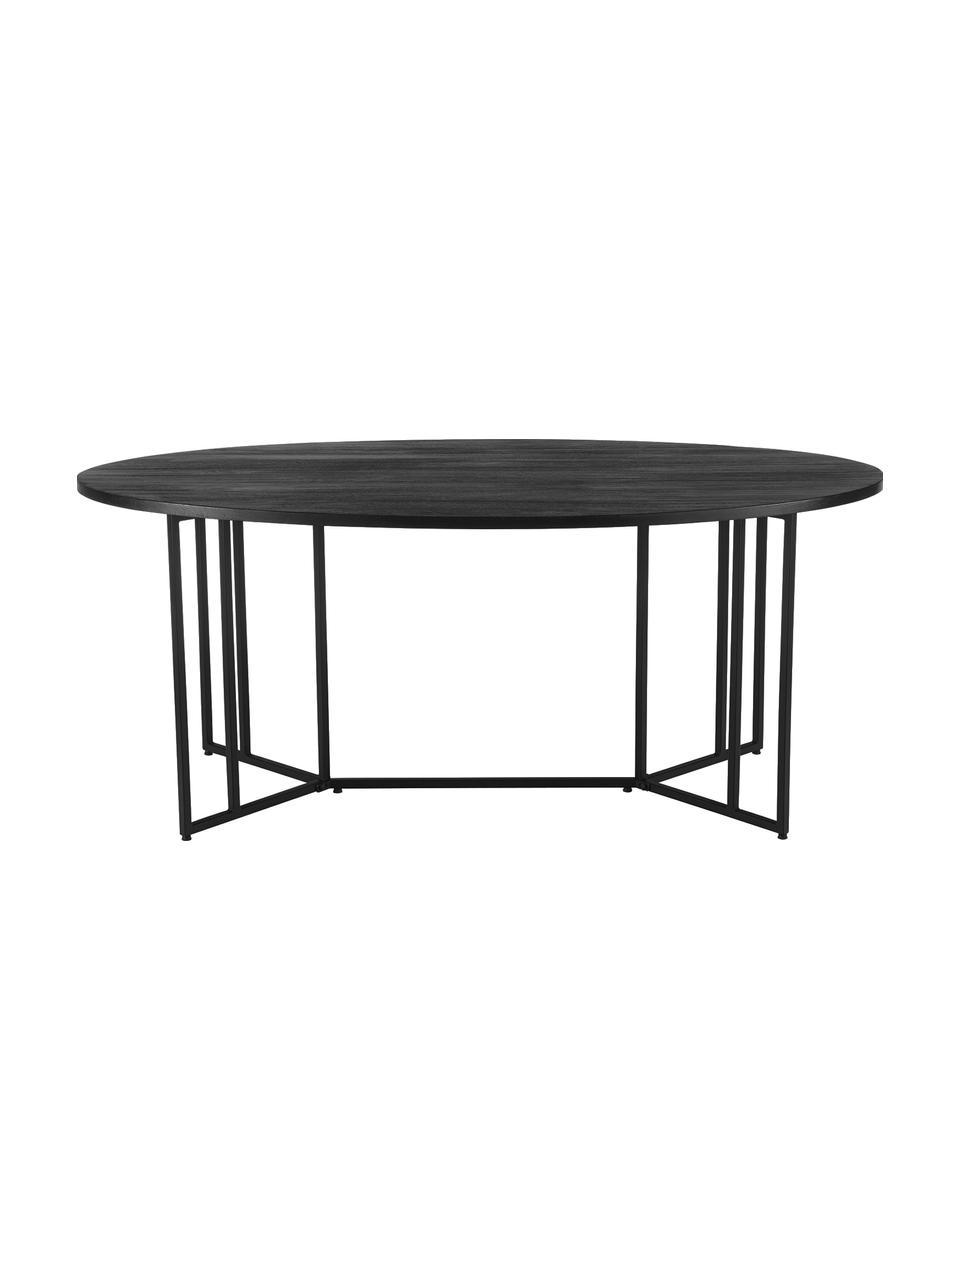 Ovaler Esstisch Luca mit Massivholzplatte, Tischplatte: Massives Mangoholz, gebür, Gestell: Metall, pulverbeschichtet, Schwarz, B 240 x T 100 cm